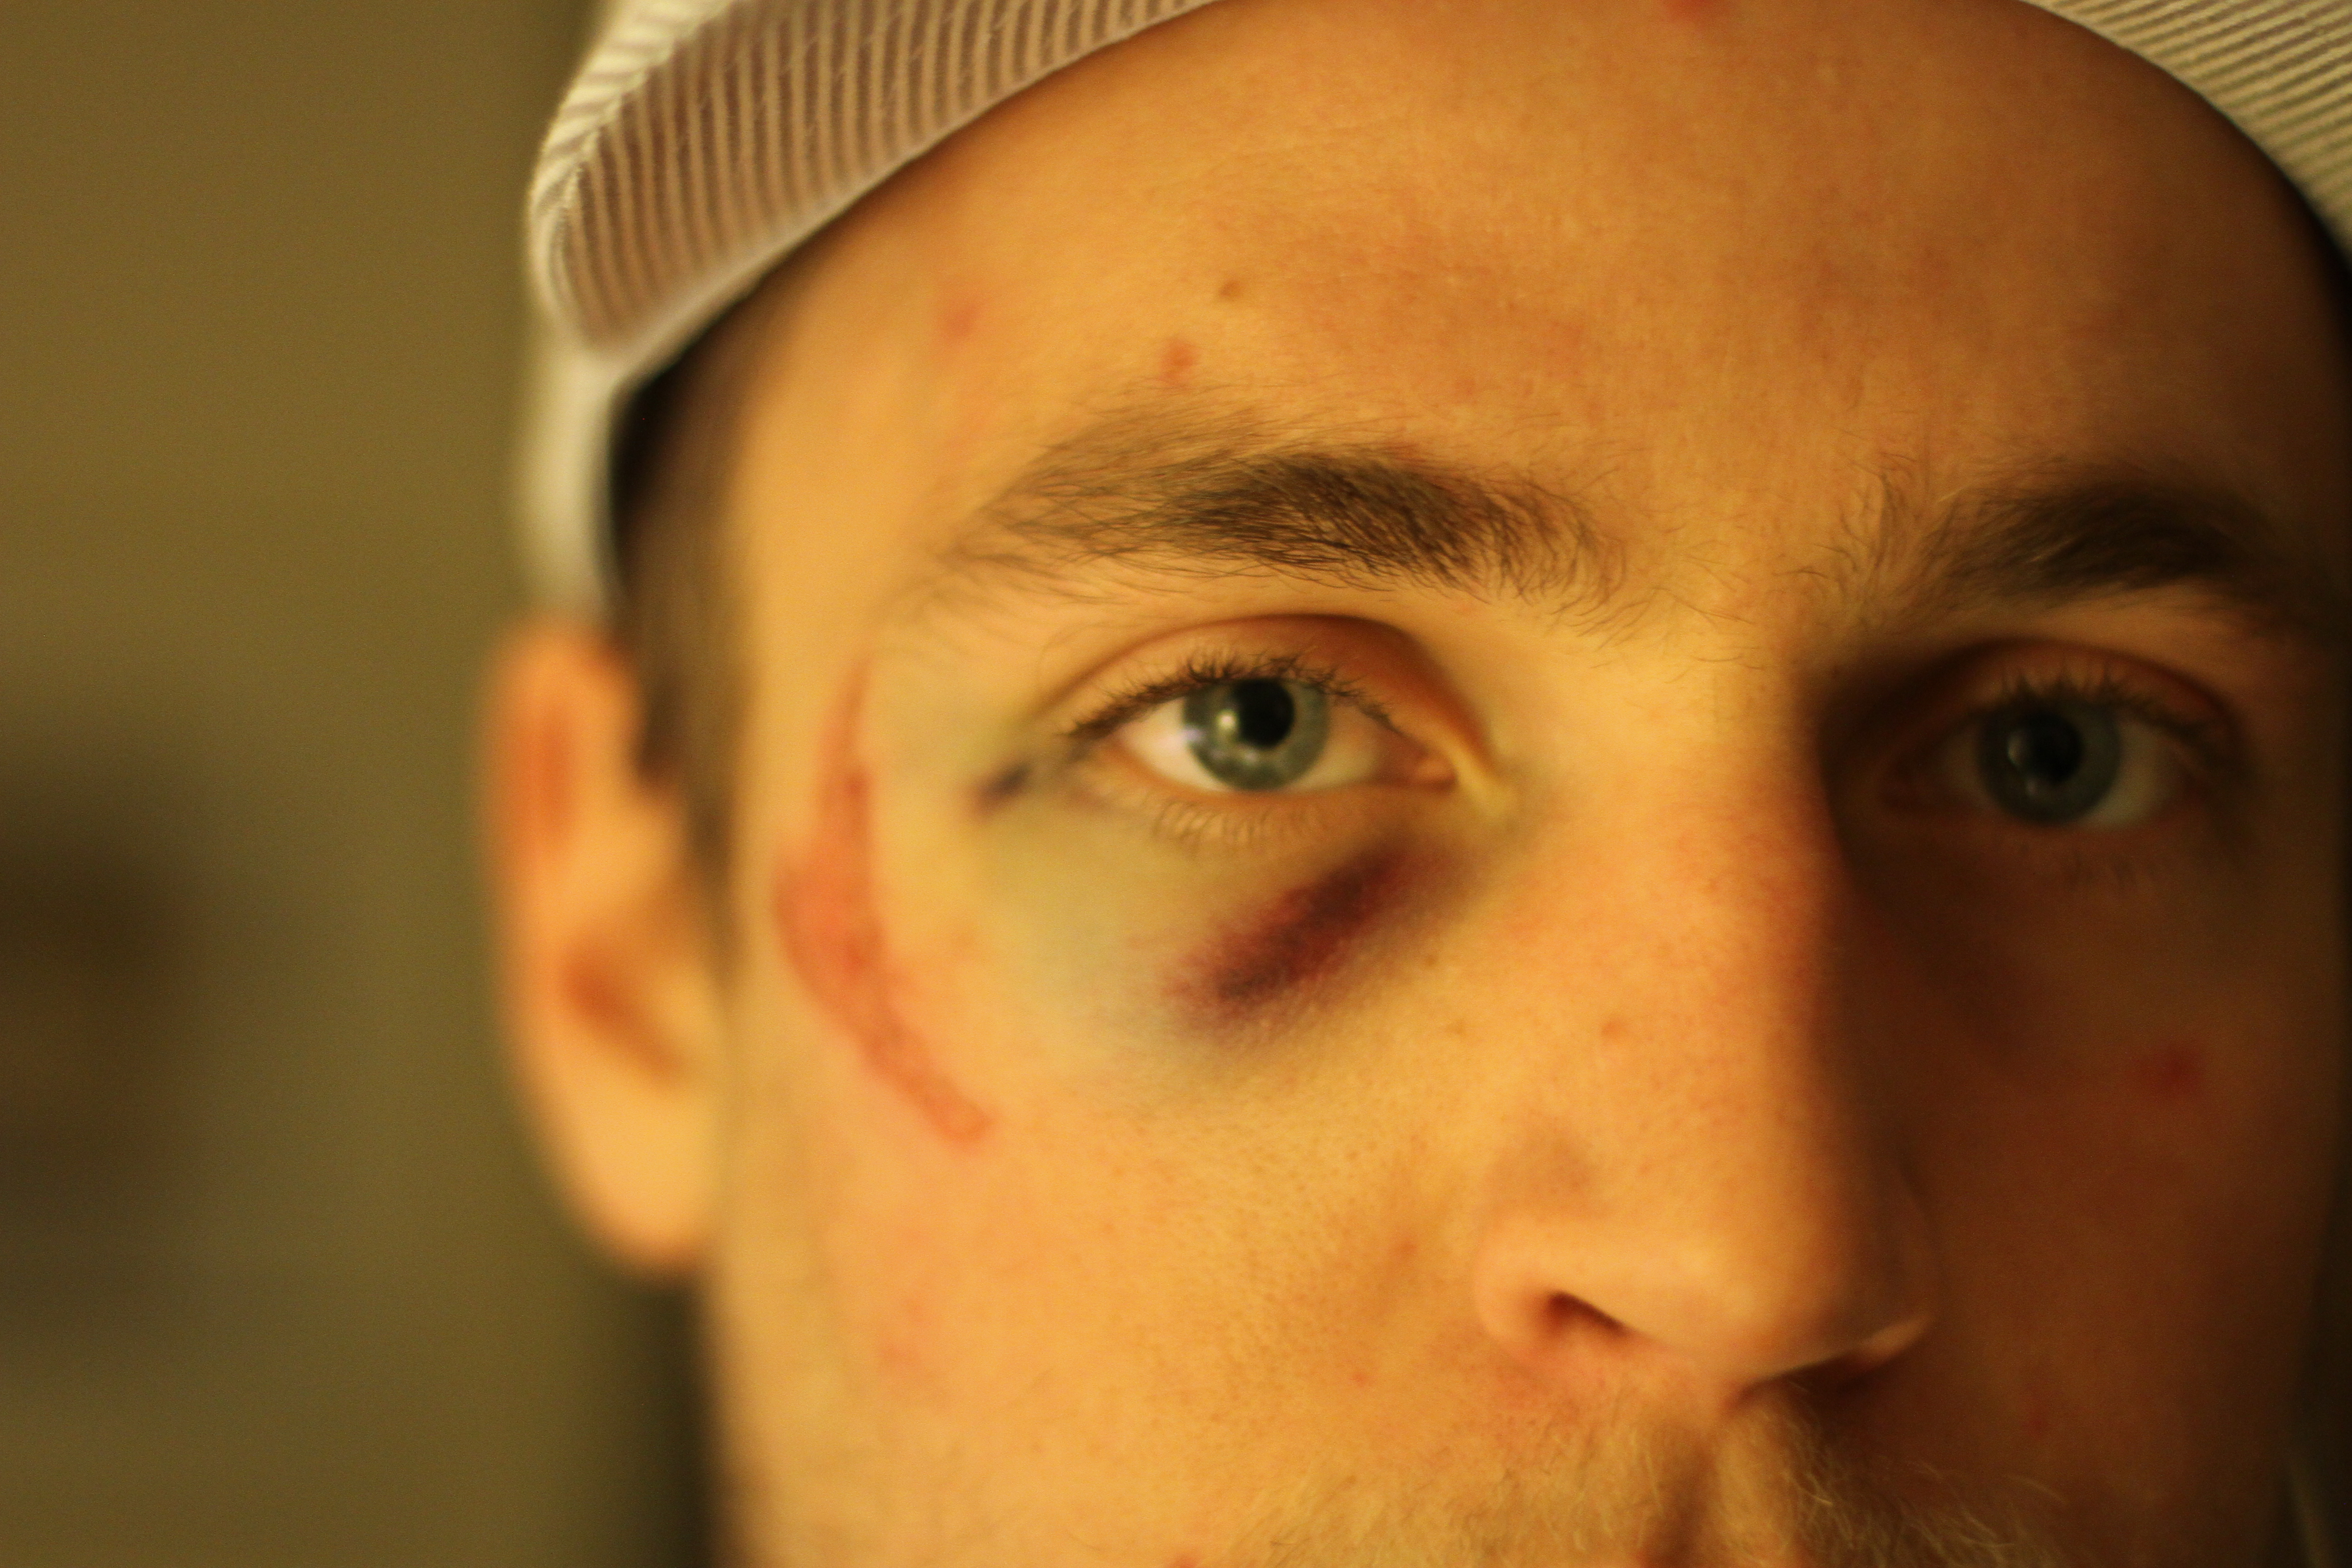 Matt's Broken Face